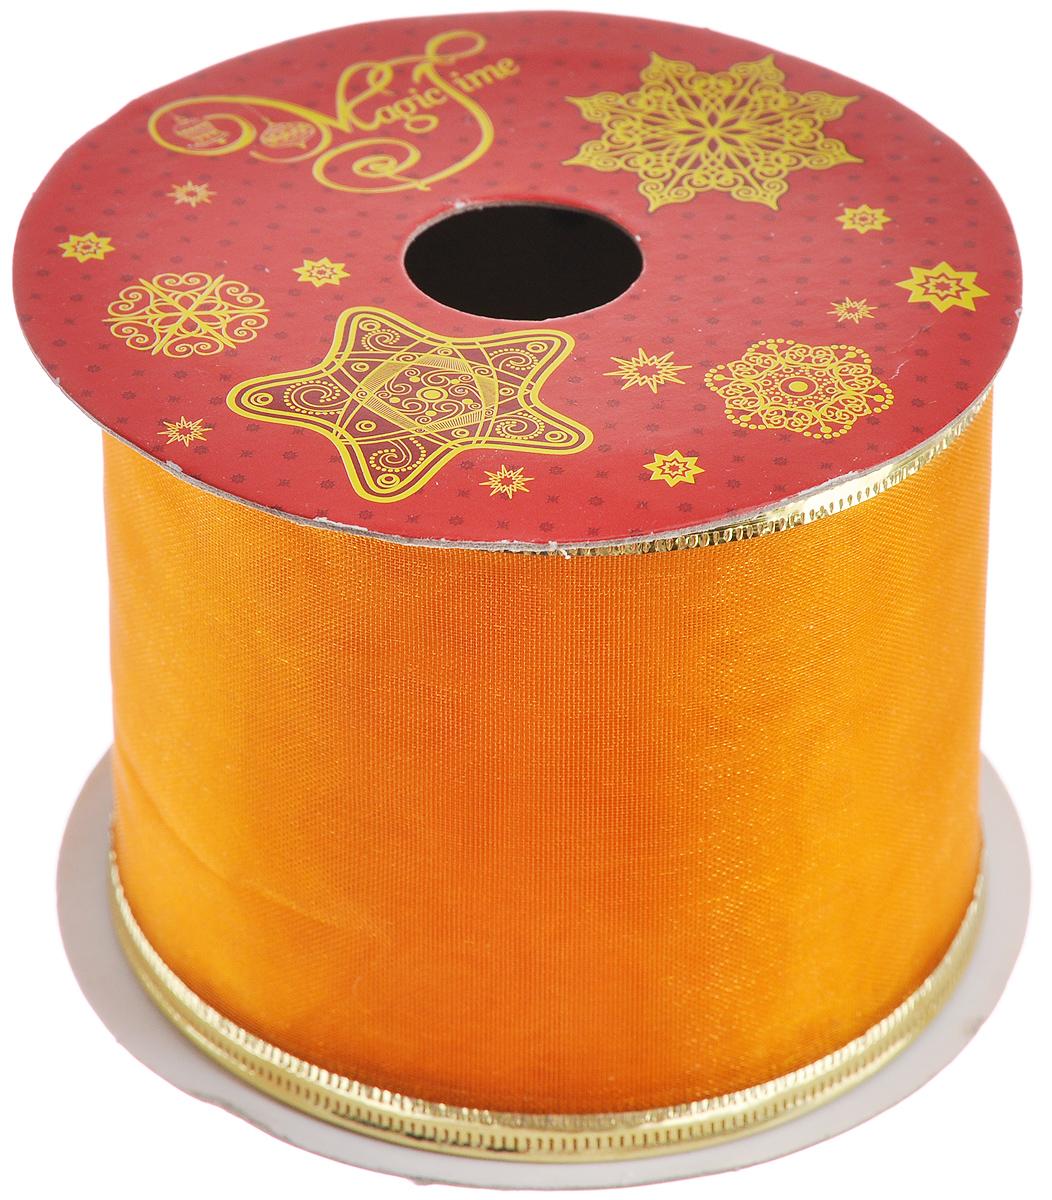 Декоративная лента Феникс-презент Magic Time, цвет: оранжевый, золотистый, длина 2,7 м. 3888338883_оранжевыйДекоративная лента Феникс-презент Magic Time выполнена из полиэстера. В края ленты вставлена проволока, благодаря чему ее легко фиксировать. Лента предназначена для оформления подарочных коробок, пакетов. Кроме того, декоративная лента с успехом применяется для художественного оформления витрин, праздничного оформления помещений, изготовления искусственных цветов. Декоративная лента украсит интерьер вашего дома к праздникам. Ширина ленты: 6,3 см.